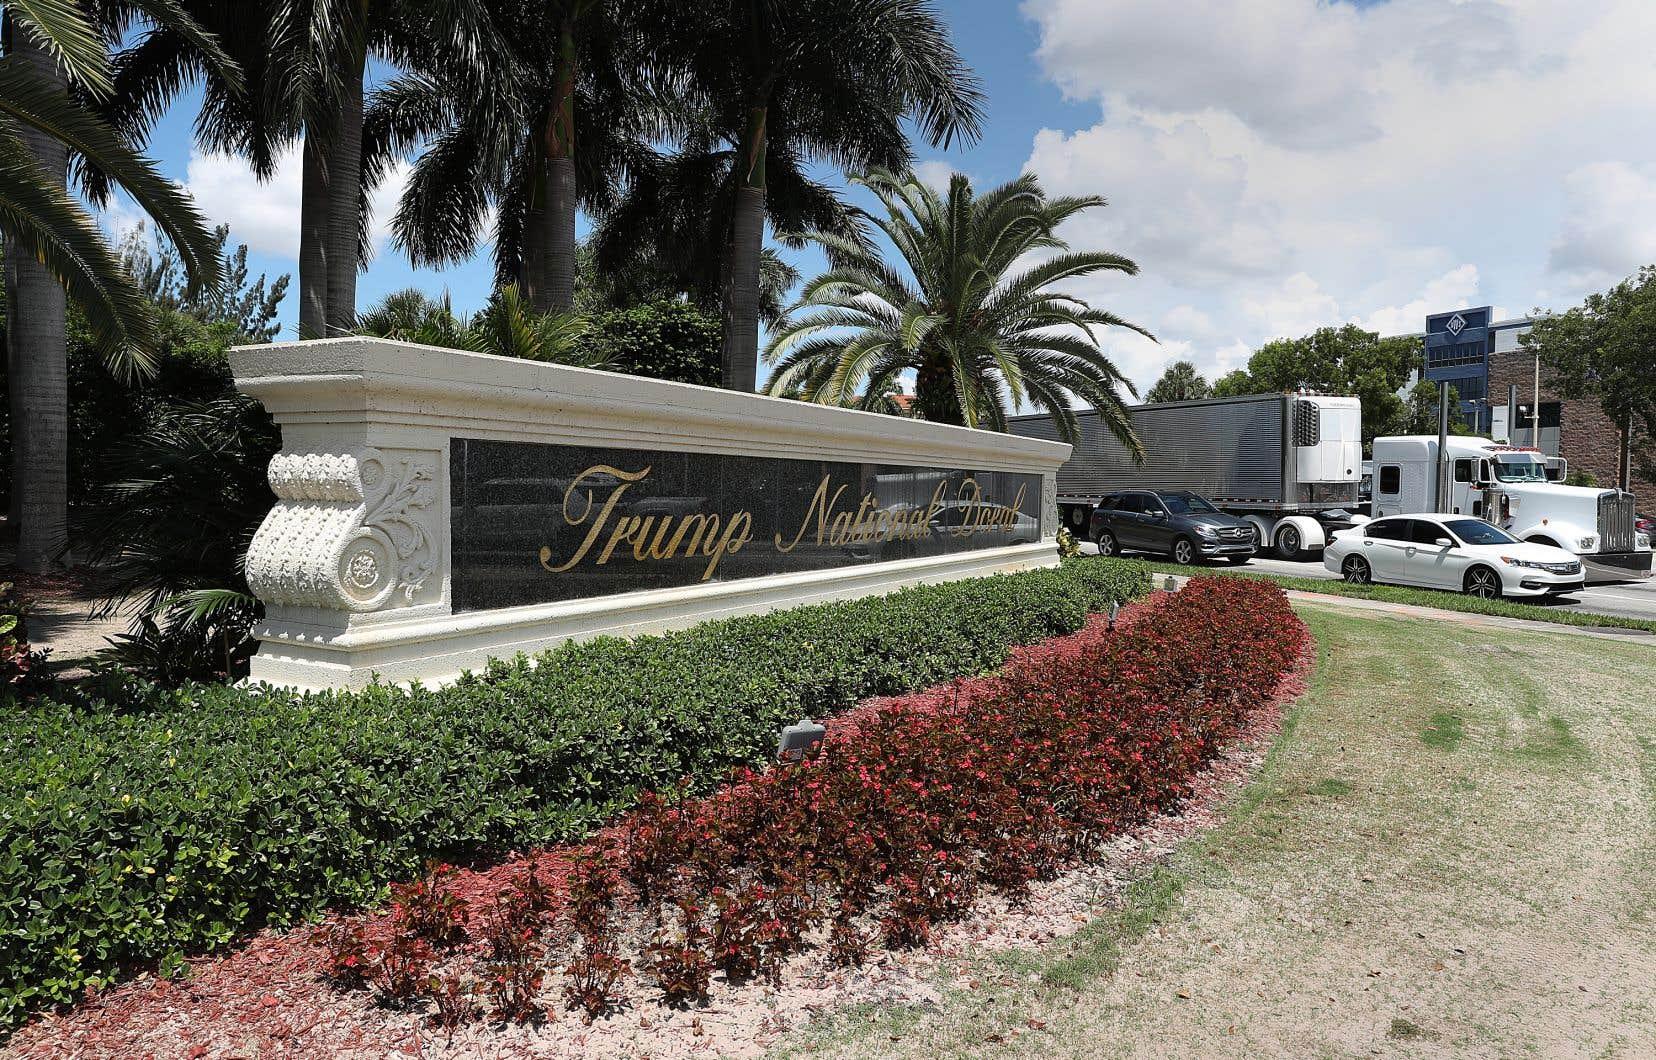 Le Trump National Doral Club, à Miami, accueillera du 10 au 12 juin 2020 la réunion annuelle du G7.